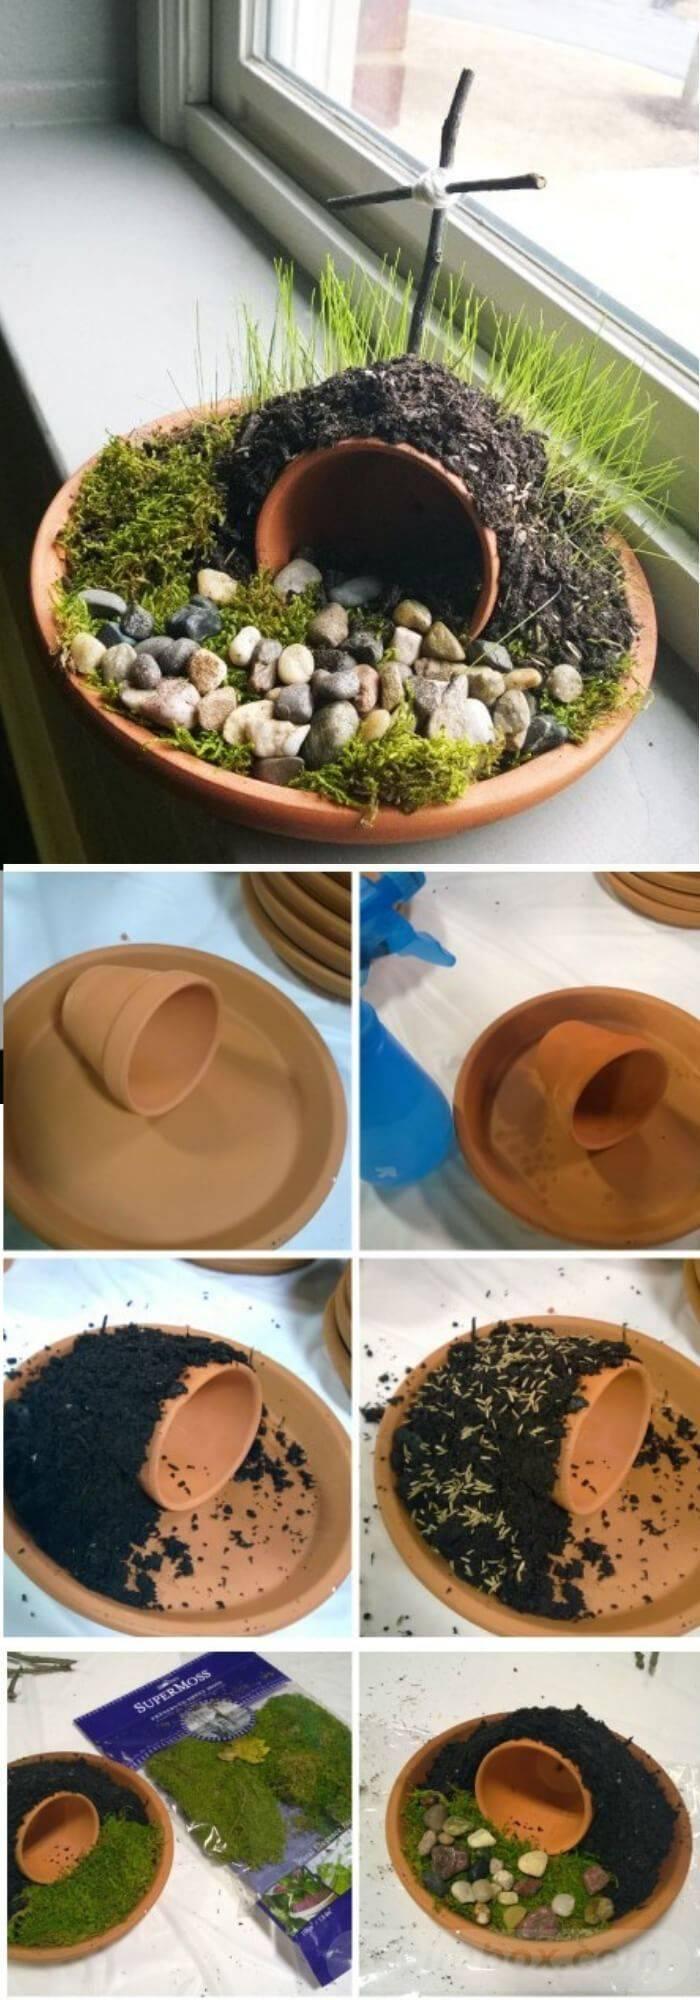 creative garden ideas-633952085025826746